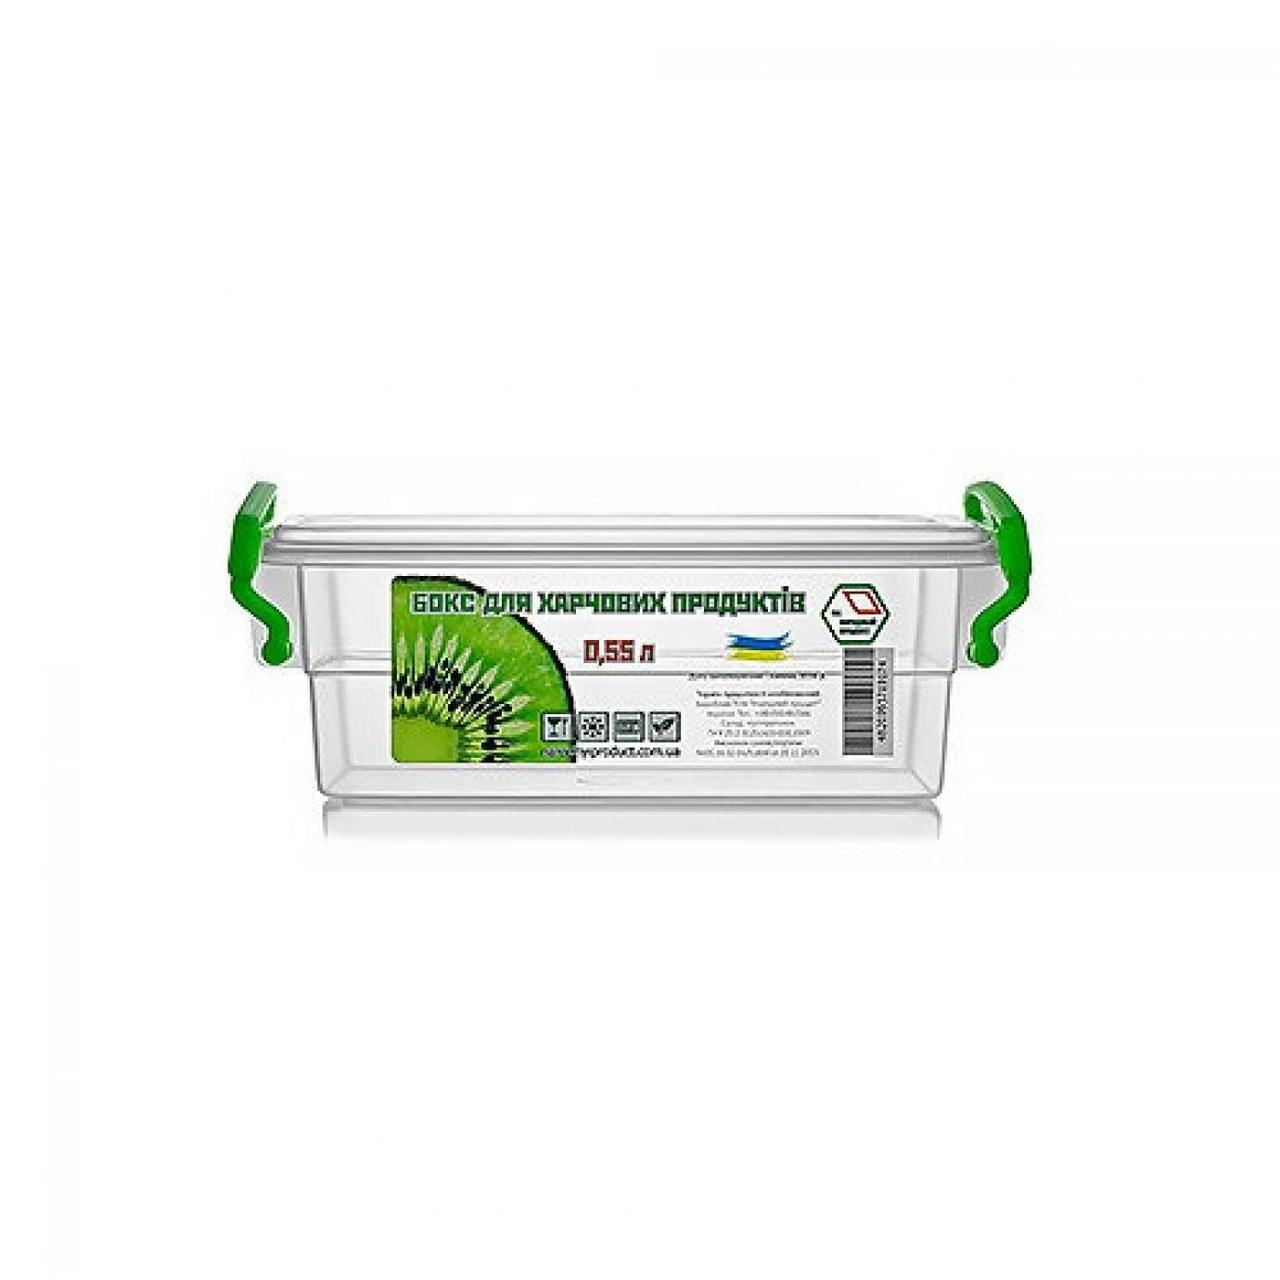 Контейнер для харч. прод. 0,55 л з ручками 11х15,5х6см №NP-51/0174